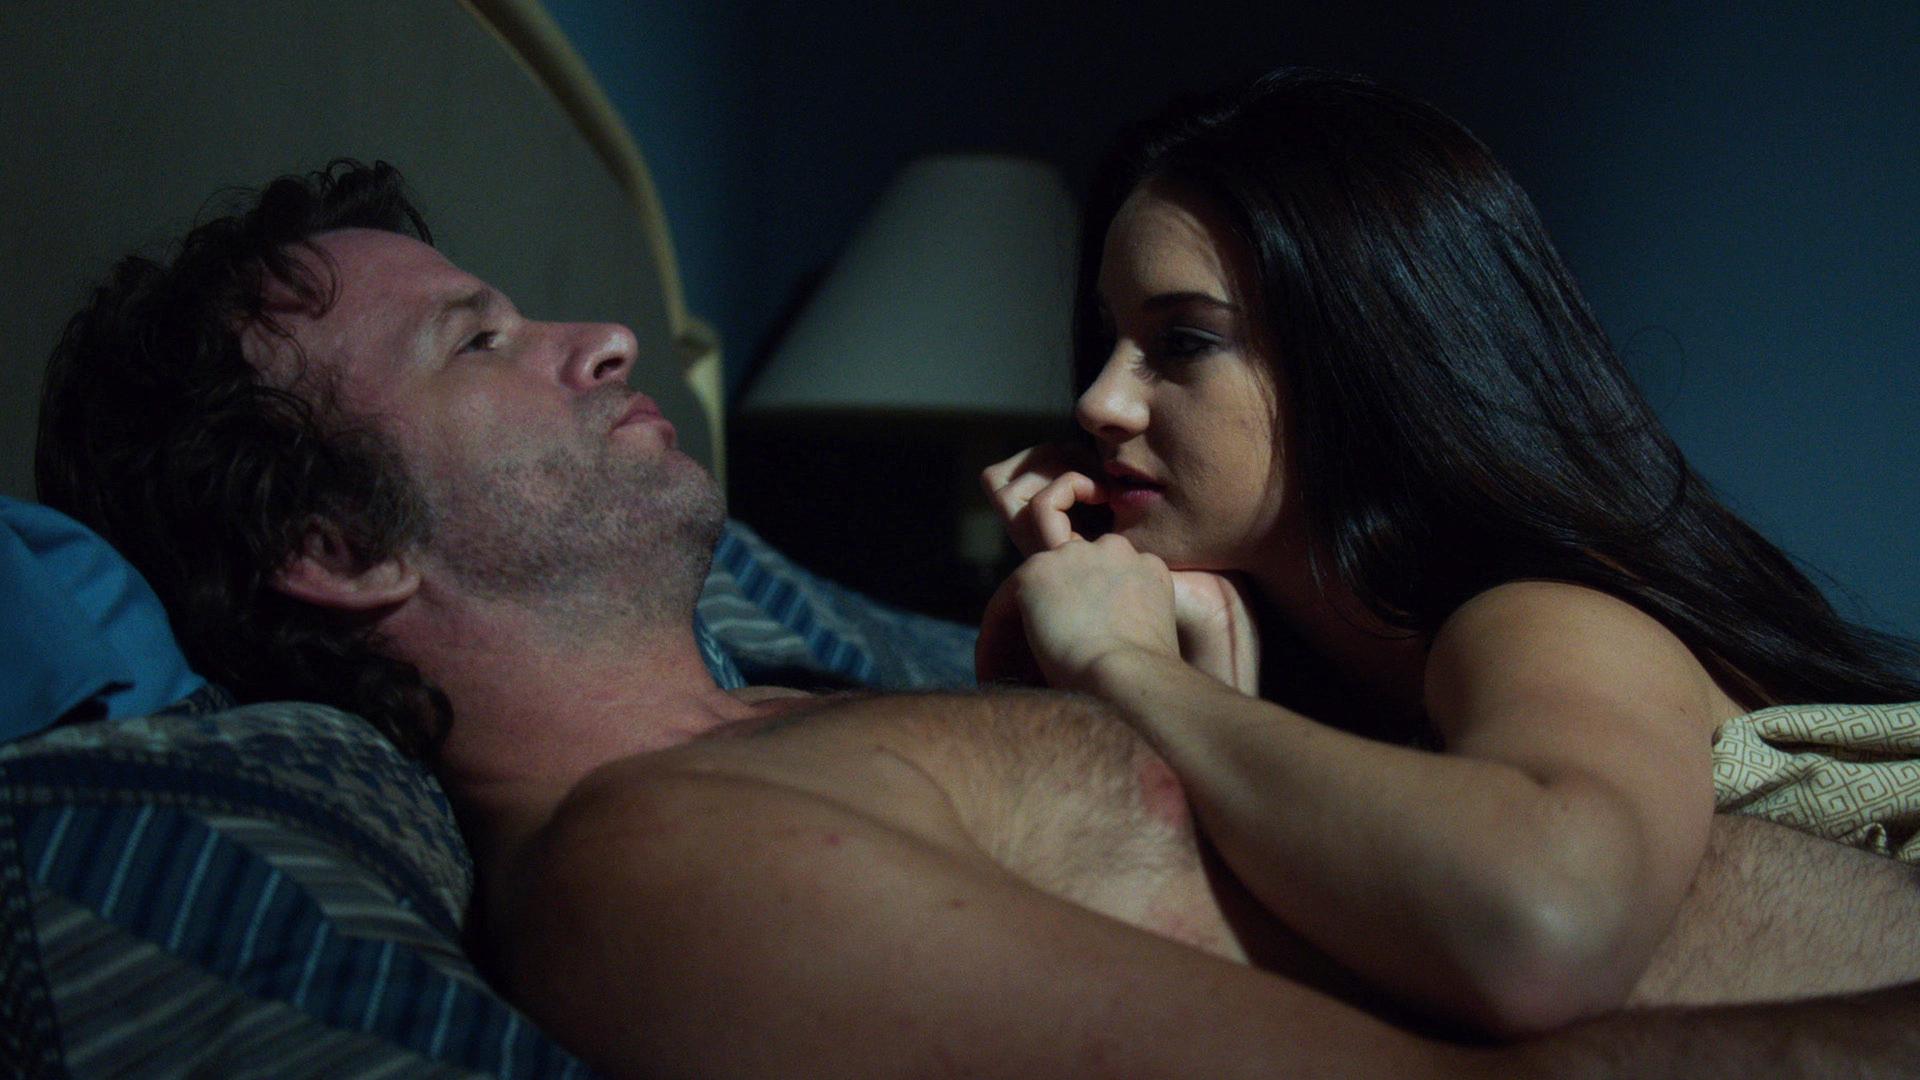 bodypainting sex escortservice chemnitz